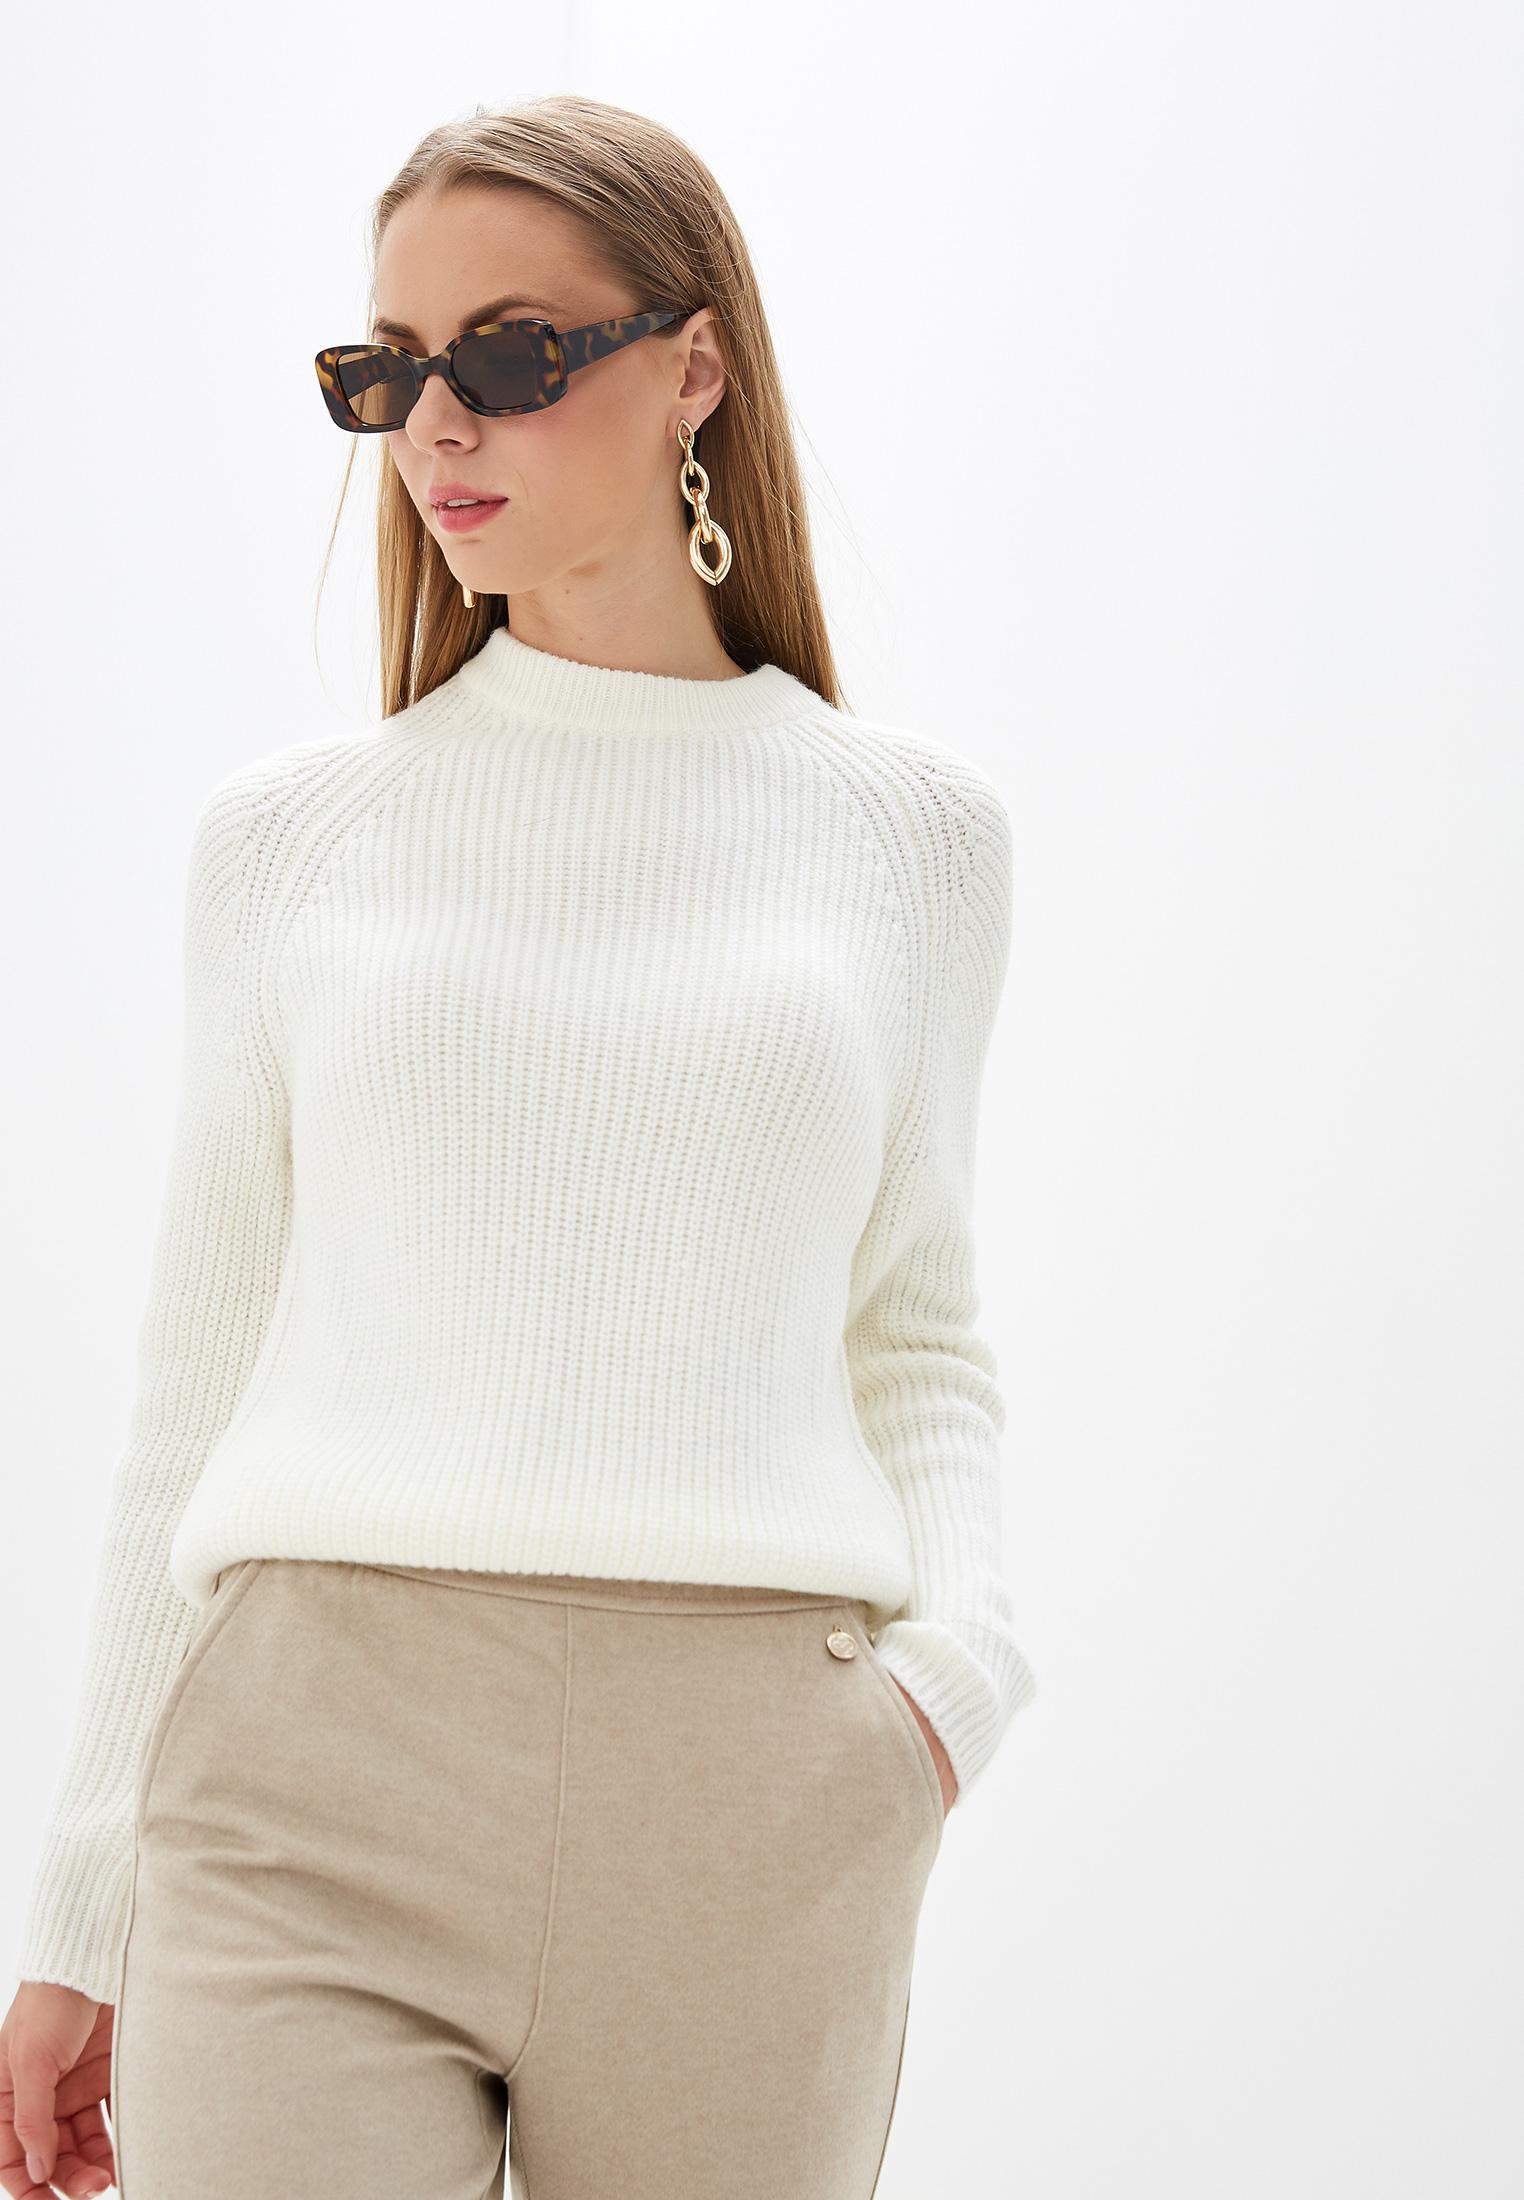 Джемпер, Zarina, цвет: белый. Артикул: MP002XW11XIG. Одежда / Джемперы, свитеры и кардиганы